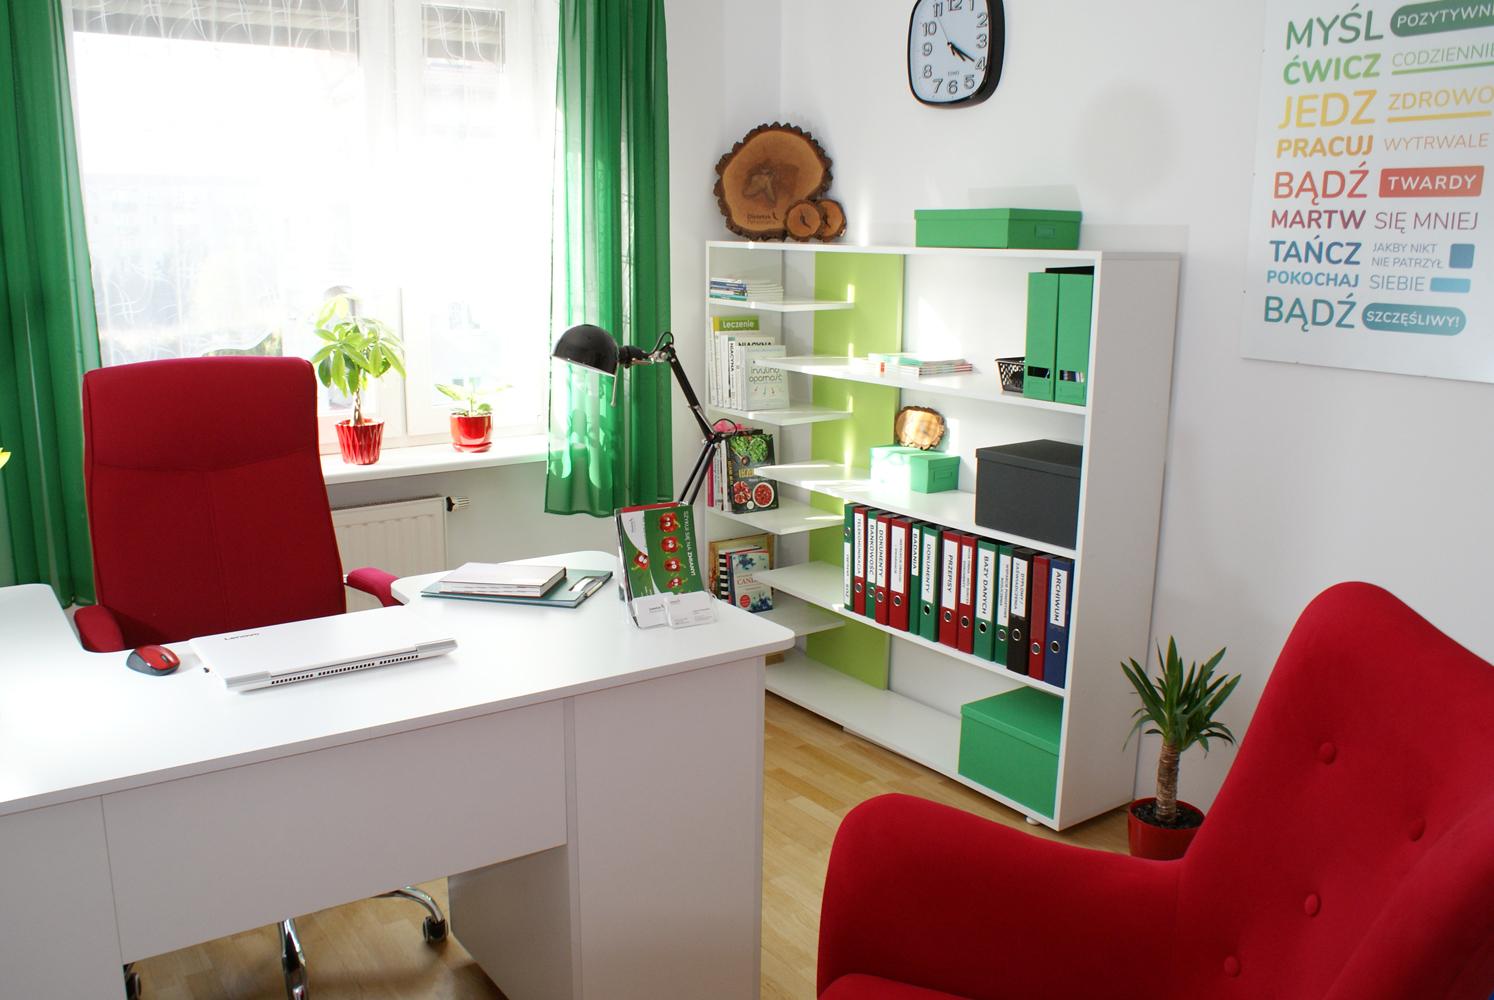 pokój z czerwonym krzesłem oraz białym biurkiem na którym stoi bukiet żółtych tulipanów